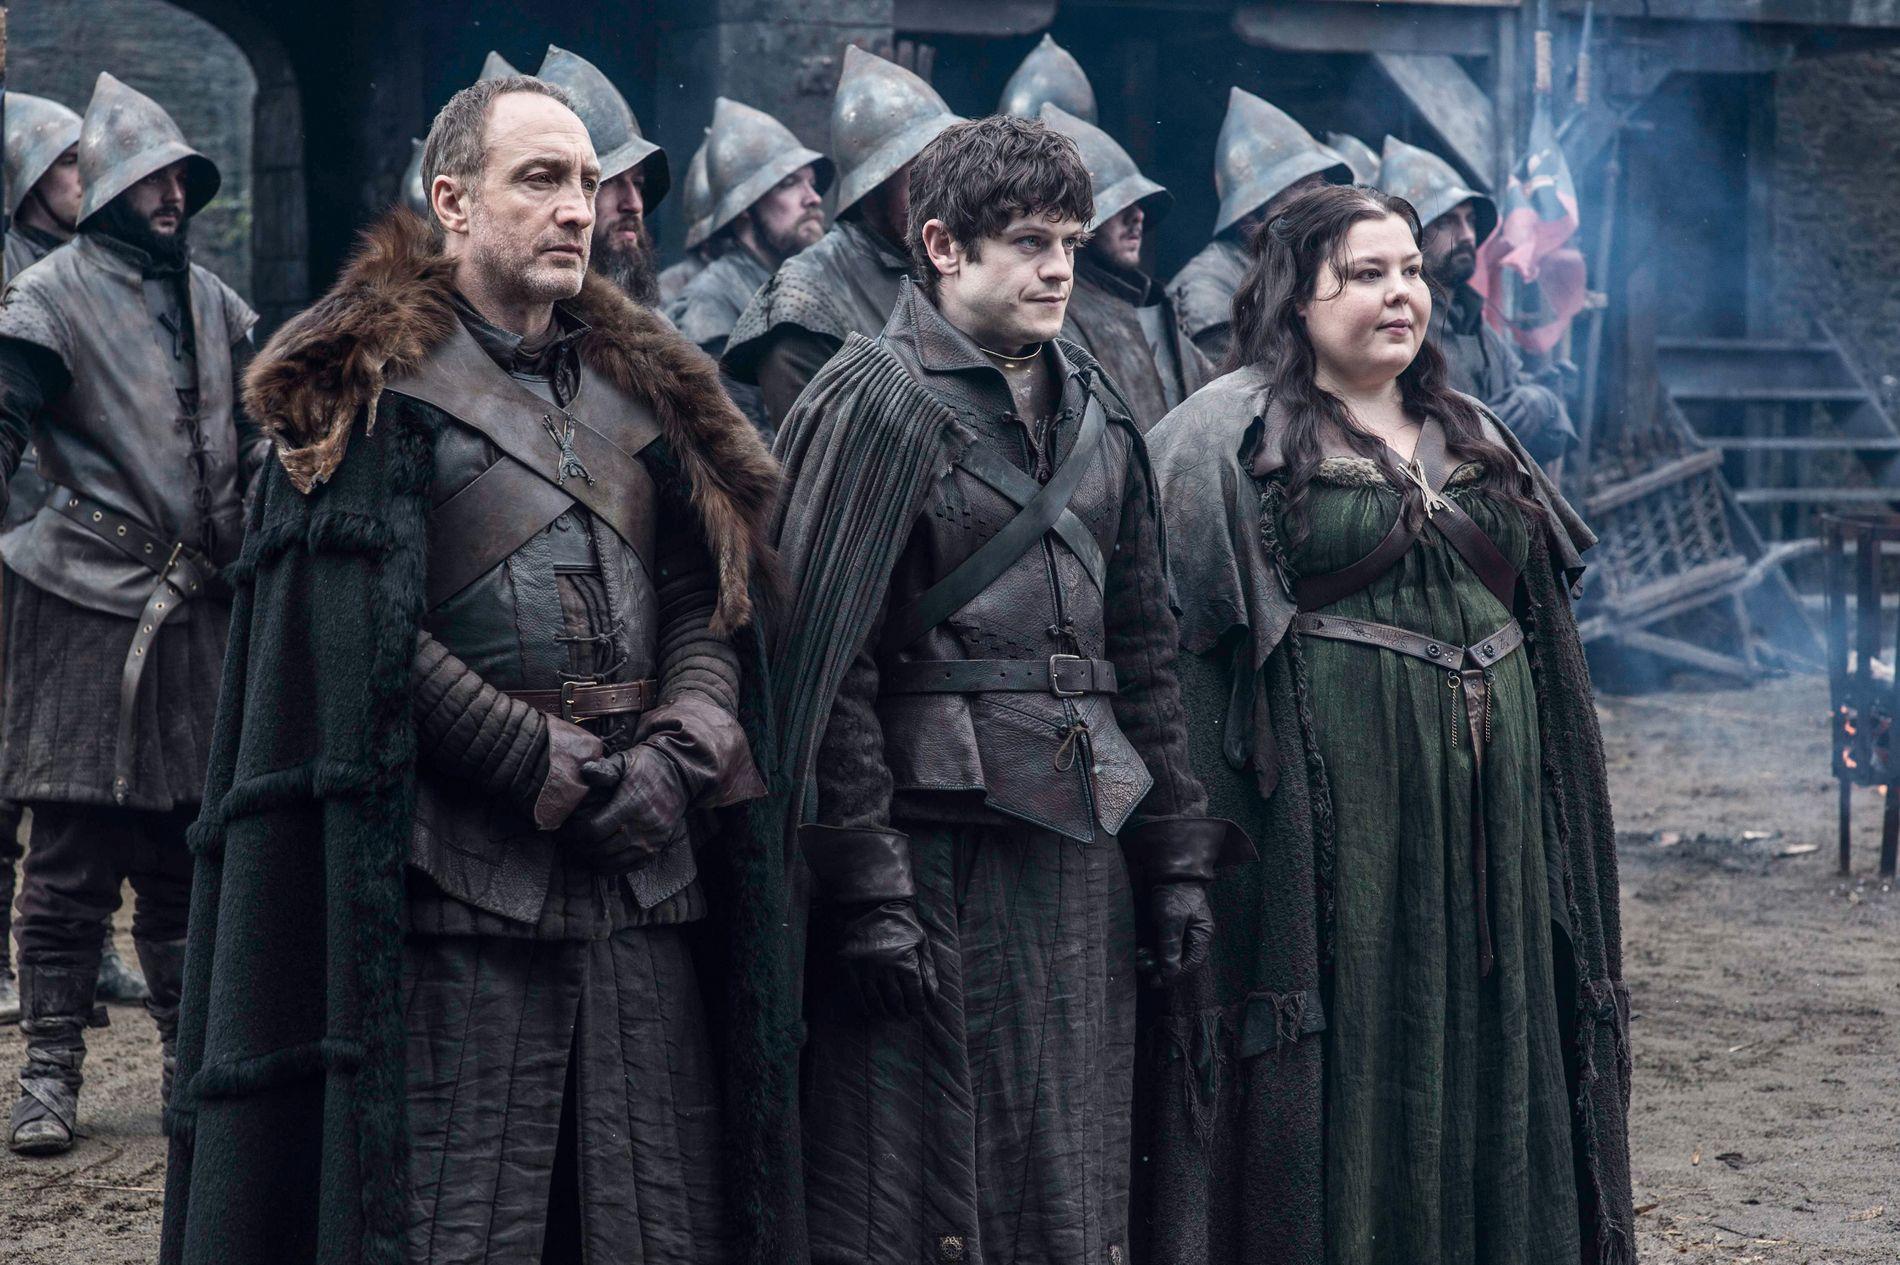 SKREKK-TRIO: Roose Bolton (Michael McElhatton), sønnen Ramsay Bolton (Iwan Rheon) og Rooses kone Walda Bolton (Elizabeth Webster) på Winterfell. Foto: , BHO